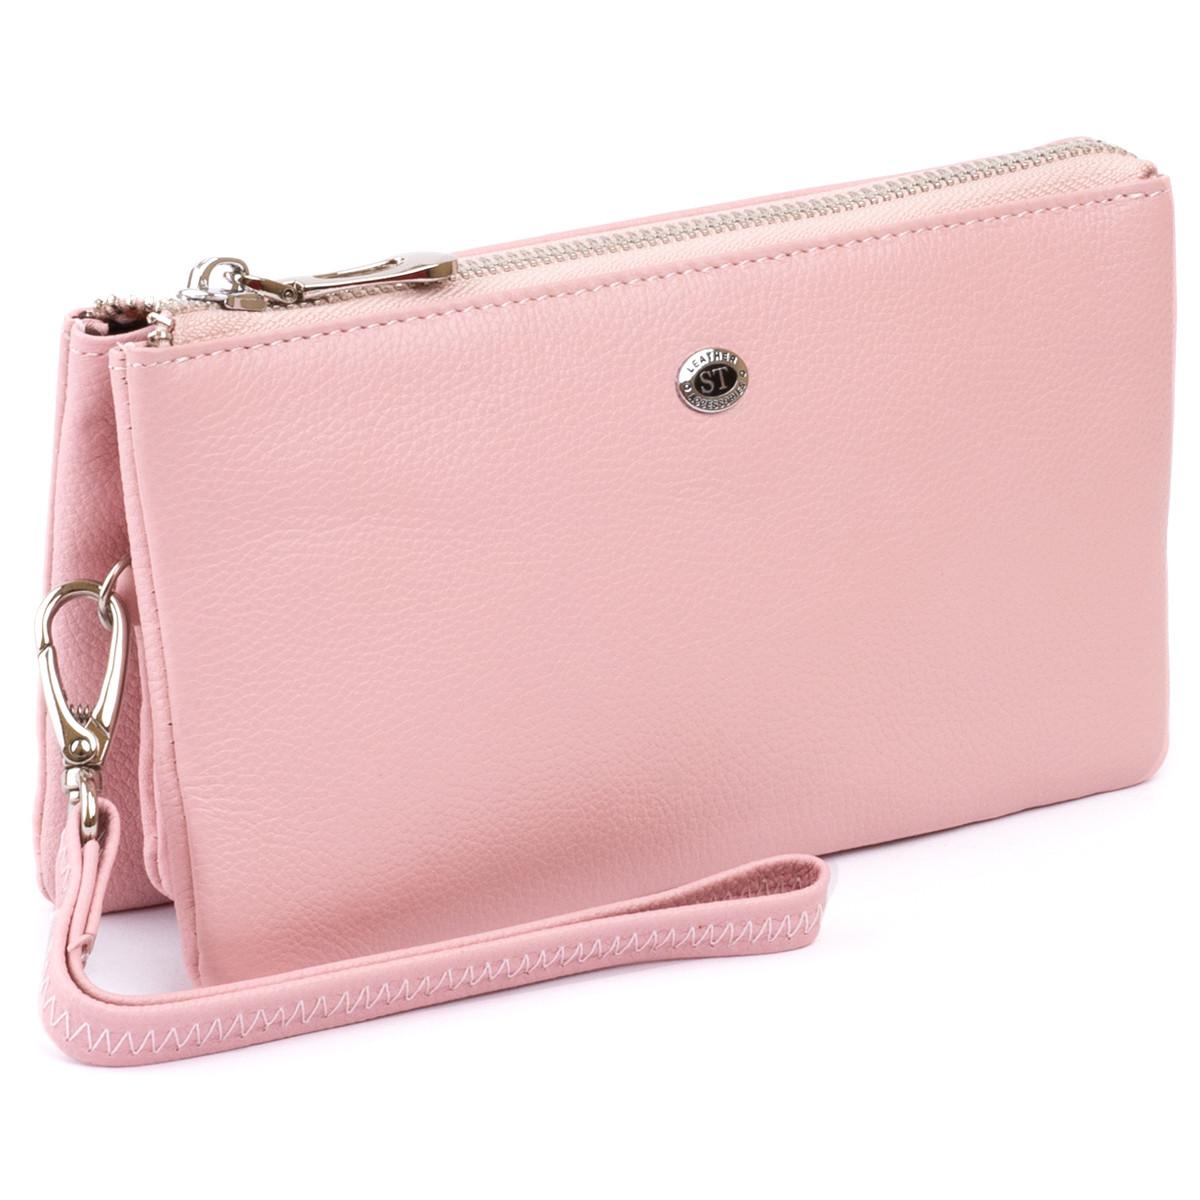 Місткий клатч на два відділення жіночий ST Leather 14450 Рожевий